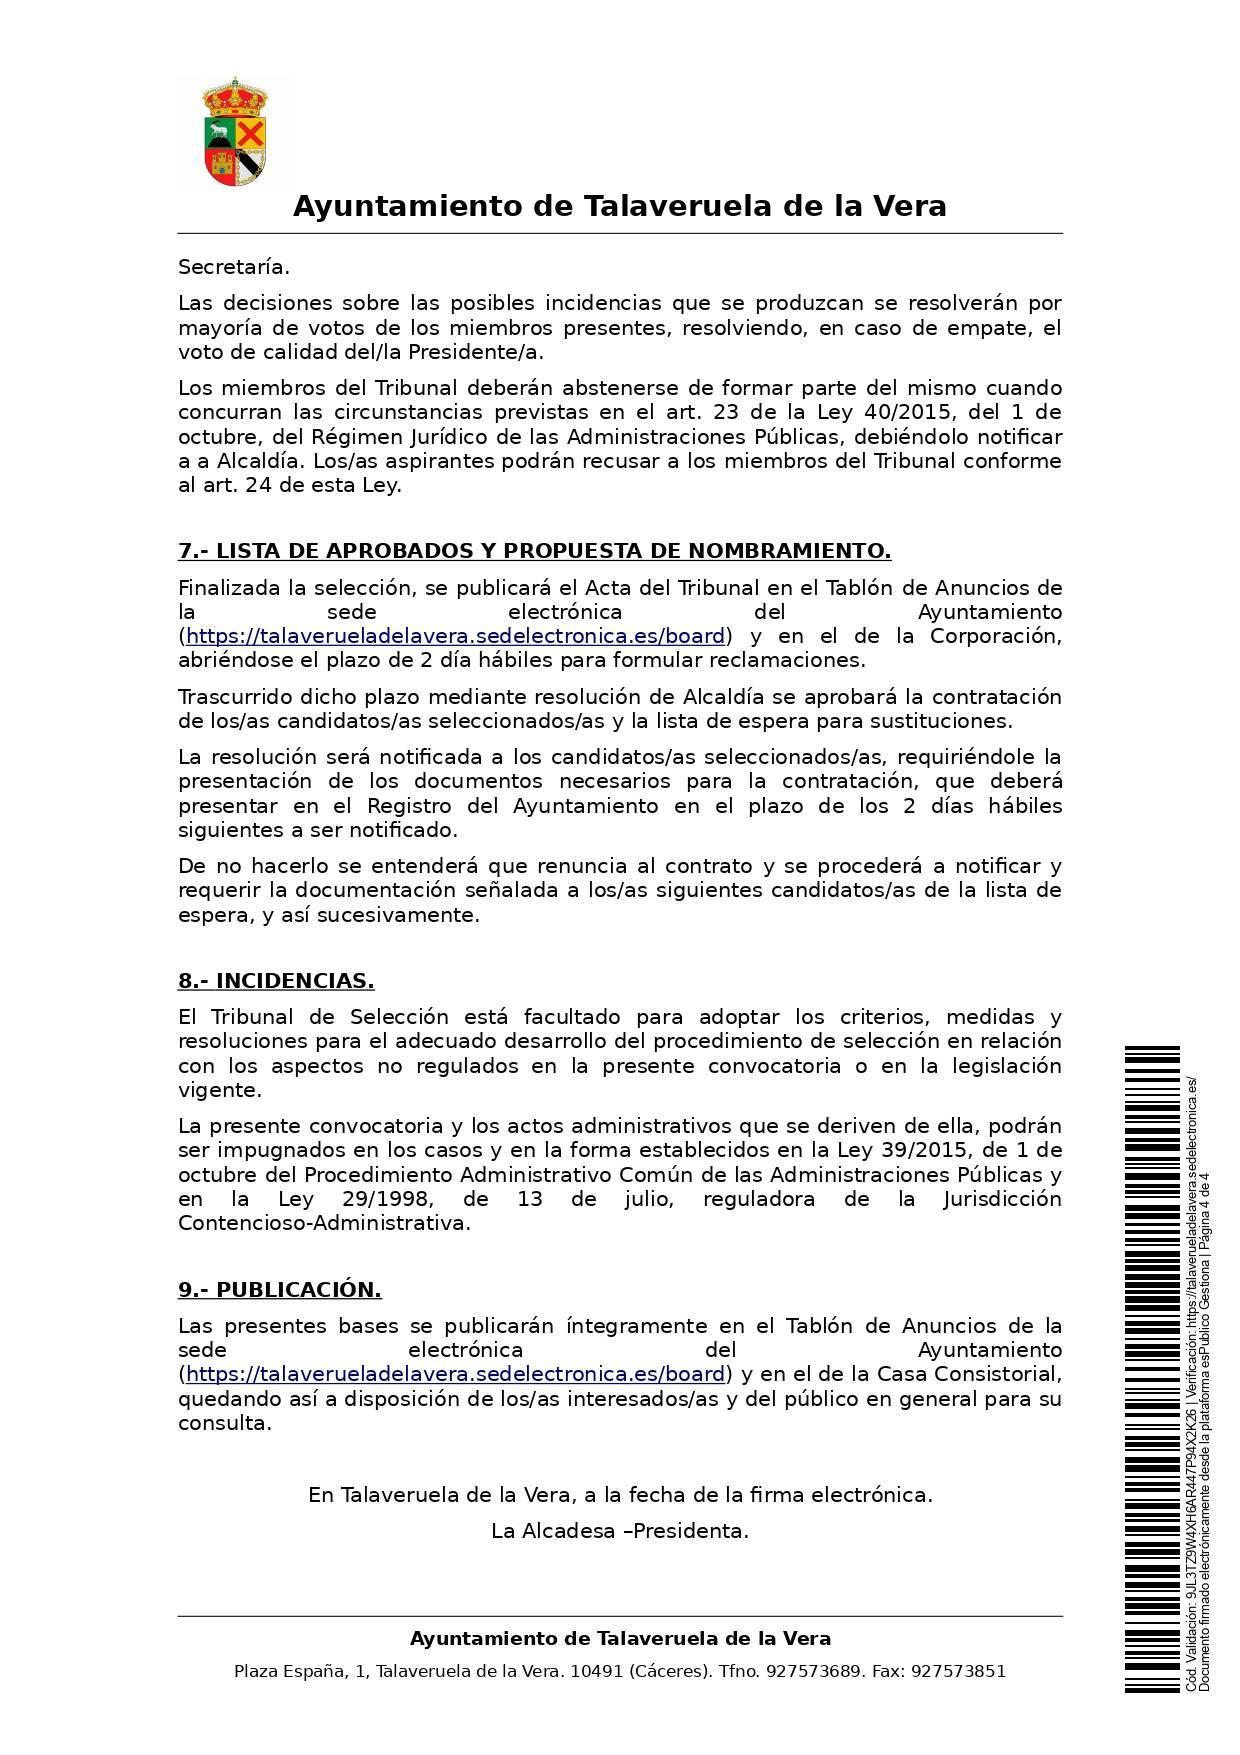 2 taquilleros-as para la piscina municipal (2021) - Talaveruela de la Vera (Cáceres) 4